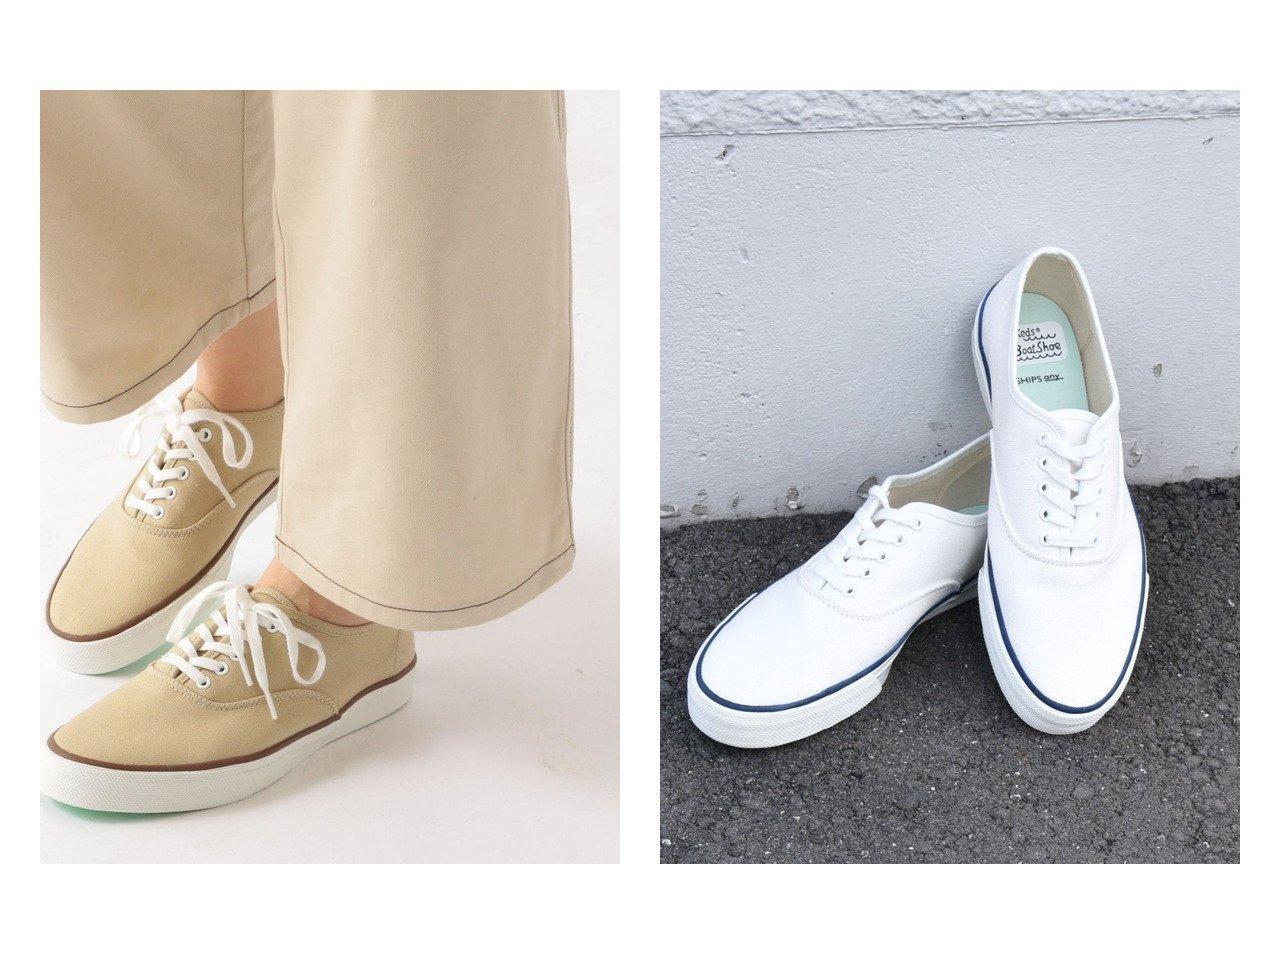 【SHIPS any/シップス エニィ】の【SHIPS any別注】KEDS MAIN SAIL 1960s スニーカー WOMEN シューズ・靴のおすすめ!人気、トレンド・レディースファッションの通販 おすすめで人気の流行・トレンド、ファッションの通販商品 メンズファッション・キッズファッション・インテリア・家具・レディースファッション・服の通販 founy(ファニー) https://founy.com/ ファッション Fashion レディースファッション WOMEN インソール シューズ シンプル スタンダード スニーカー スリッポン 人気 別注 メンズ 再入荷 Restock/Back in Stock/Re Arrival NEW・新作・新着・新入荷 New Arrivals  ID:crp329100000014683